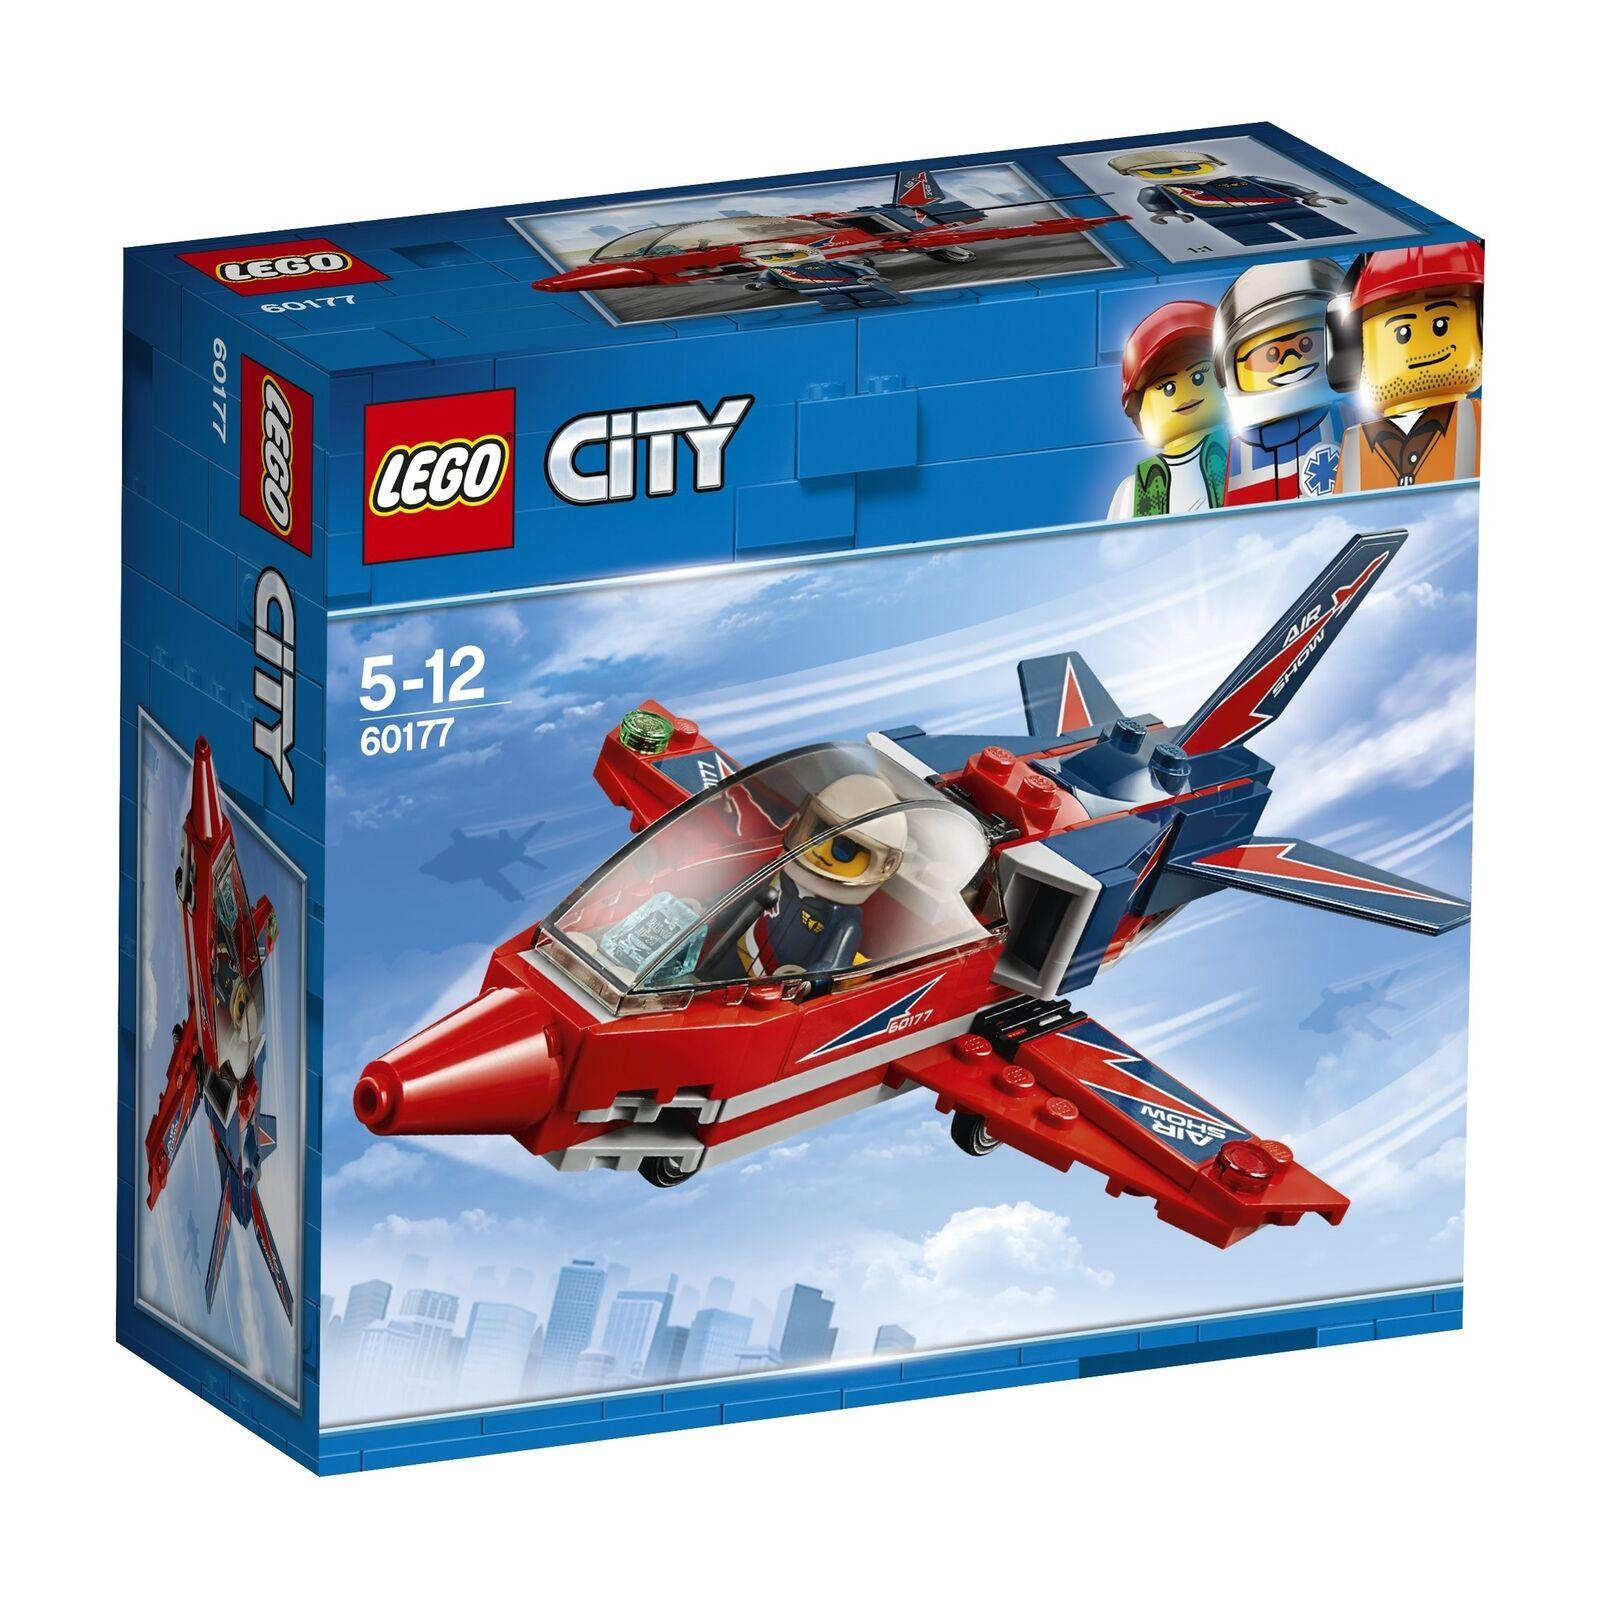 LEGO UK Vehicles - 60177 City Great Vehicles UK Airshow Jet Building Toy e7c2ac